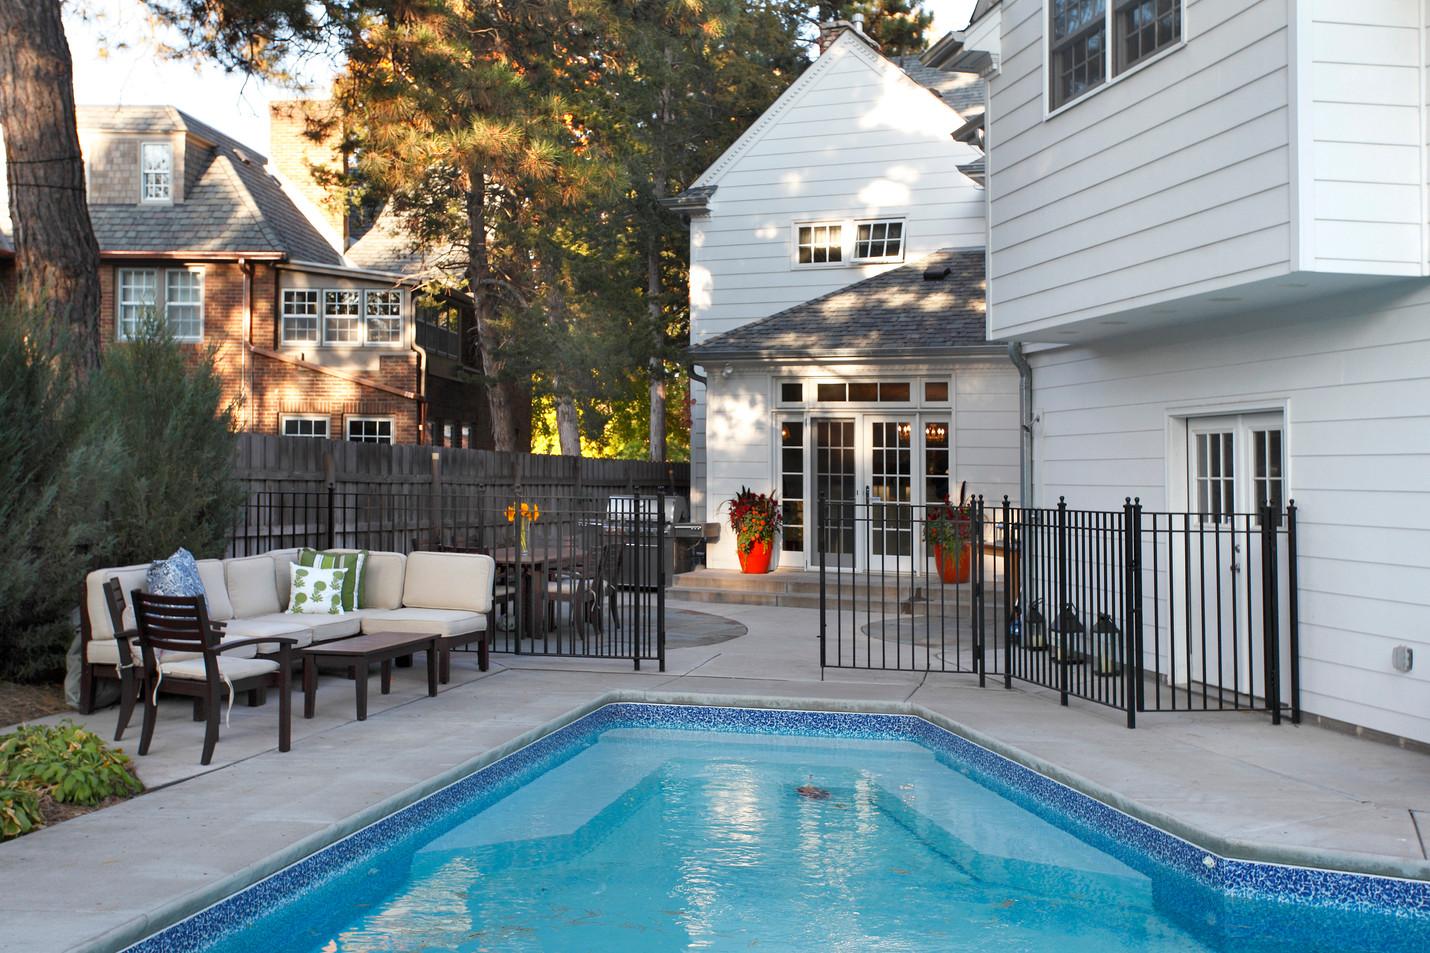 4504_pool patio.jpg